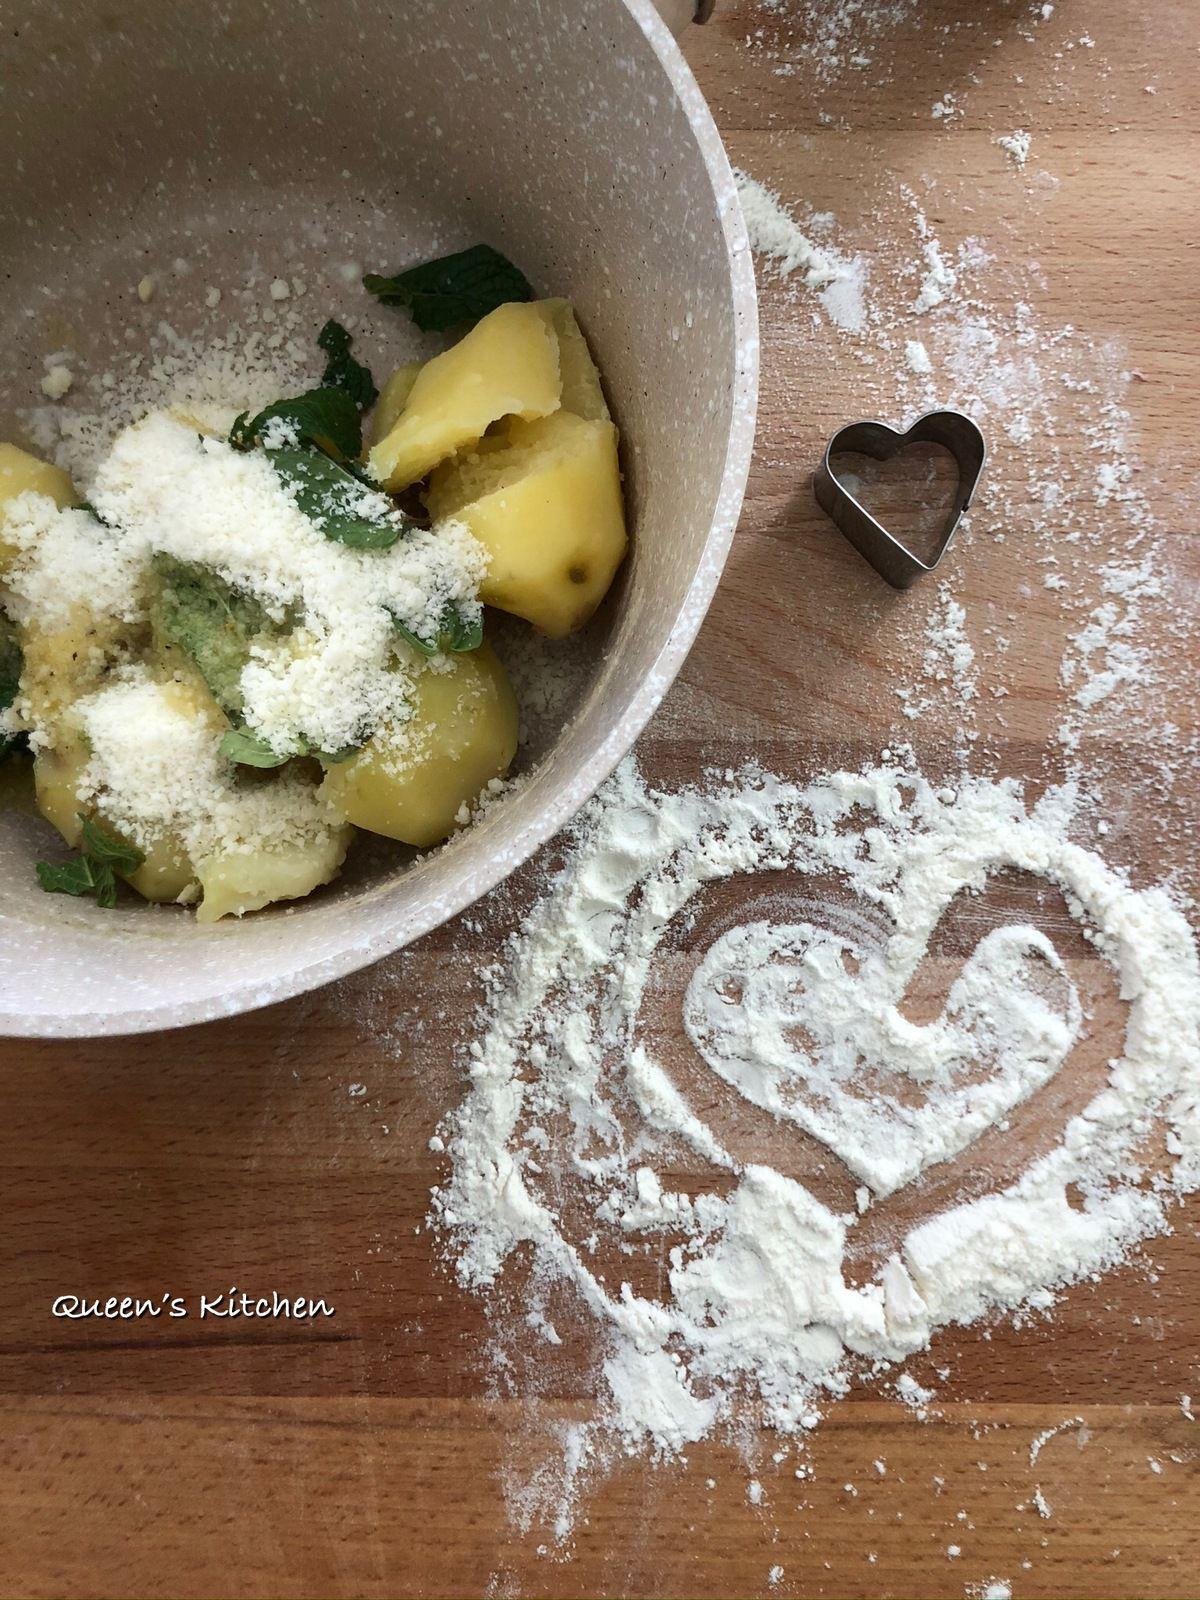 Con gli attrezzi giusti e pochi accorgimenti possiamo preparare la pasta fresca in casa.